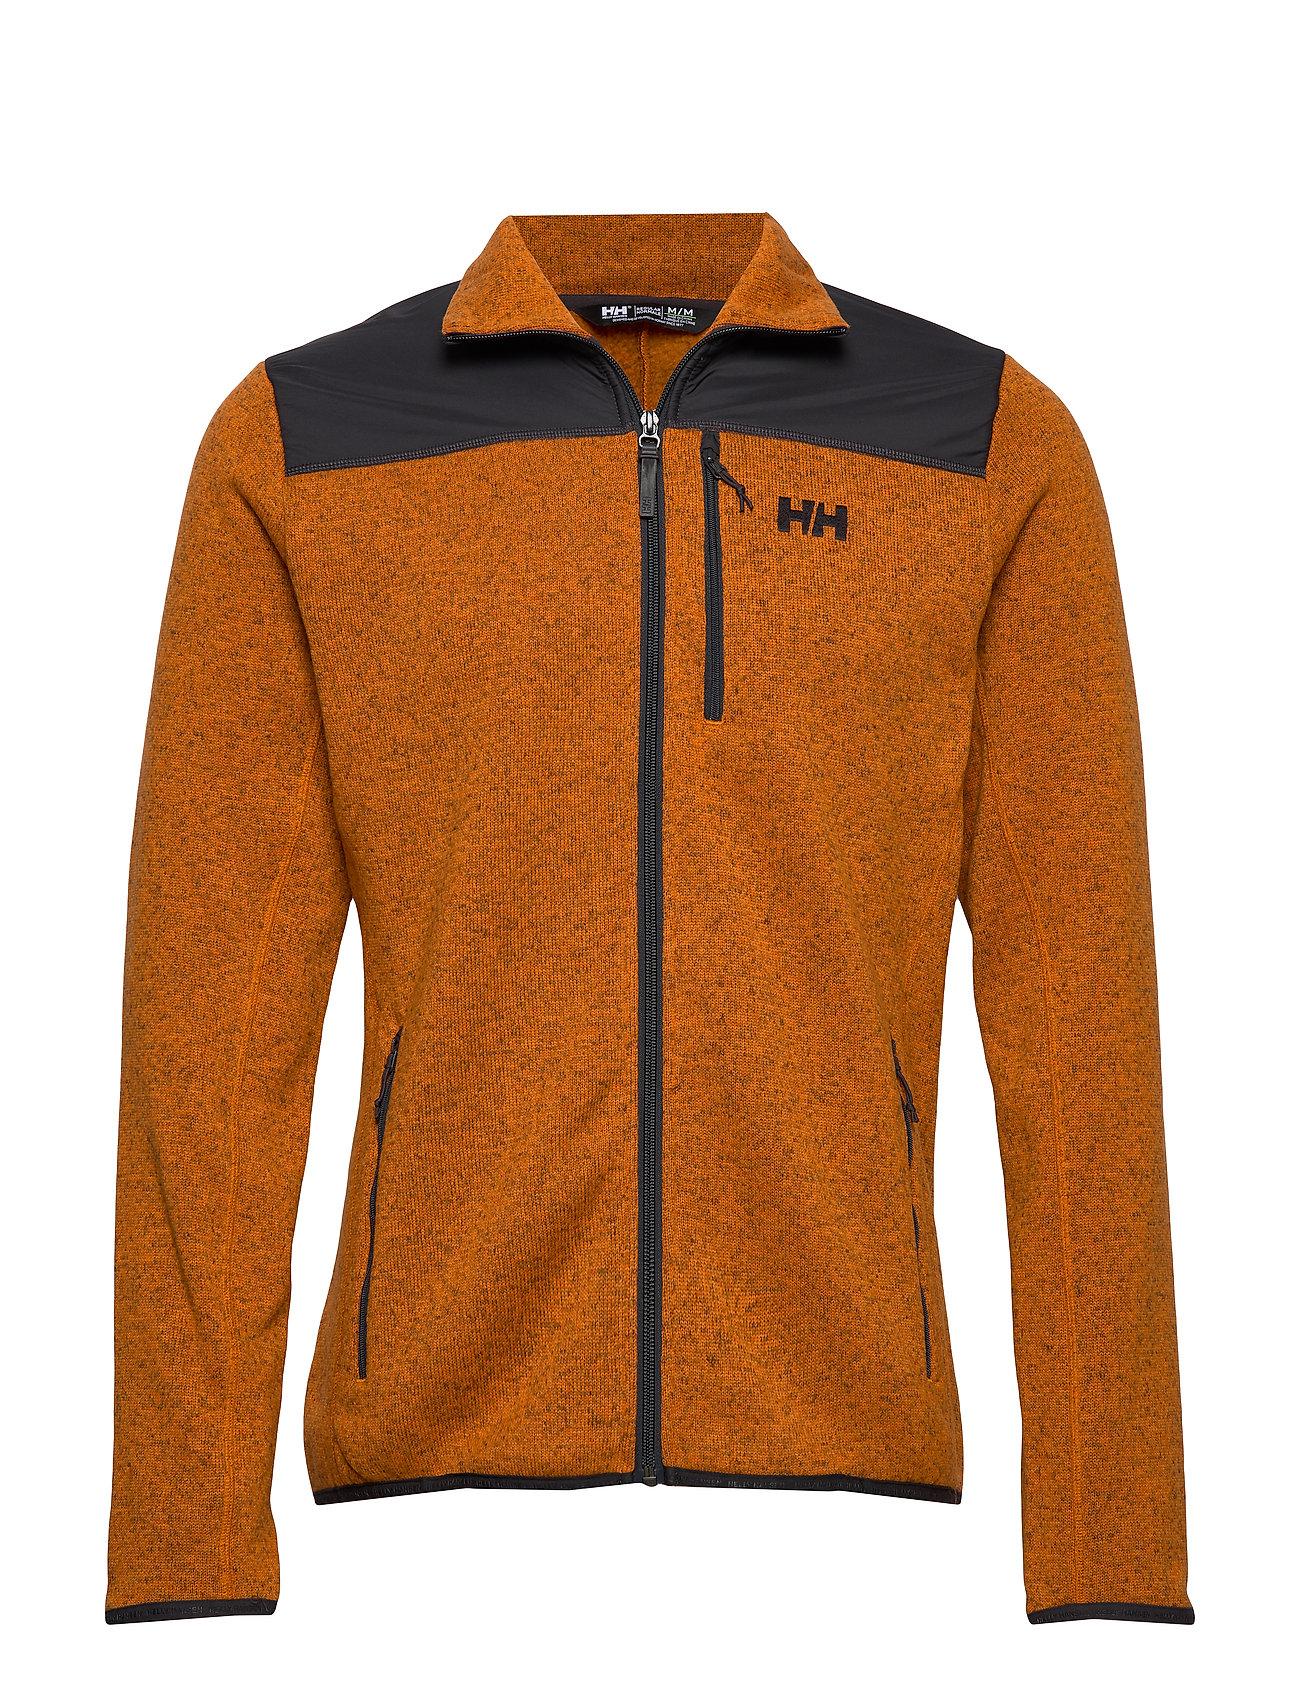 grossistförsäljning nya lägre priser släpp information om Varde Fleece Jacket (Marmalade) (91 €) - Helly Hansen -   Boozt.com